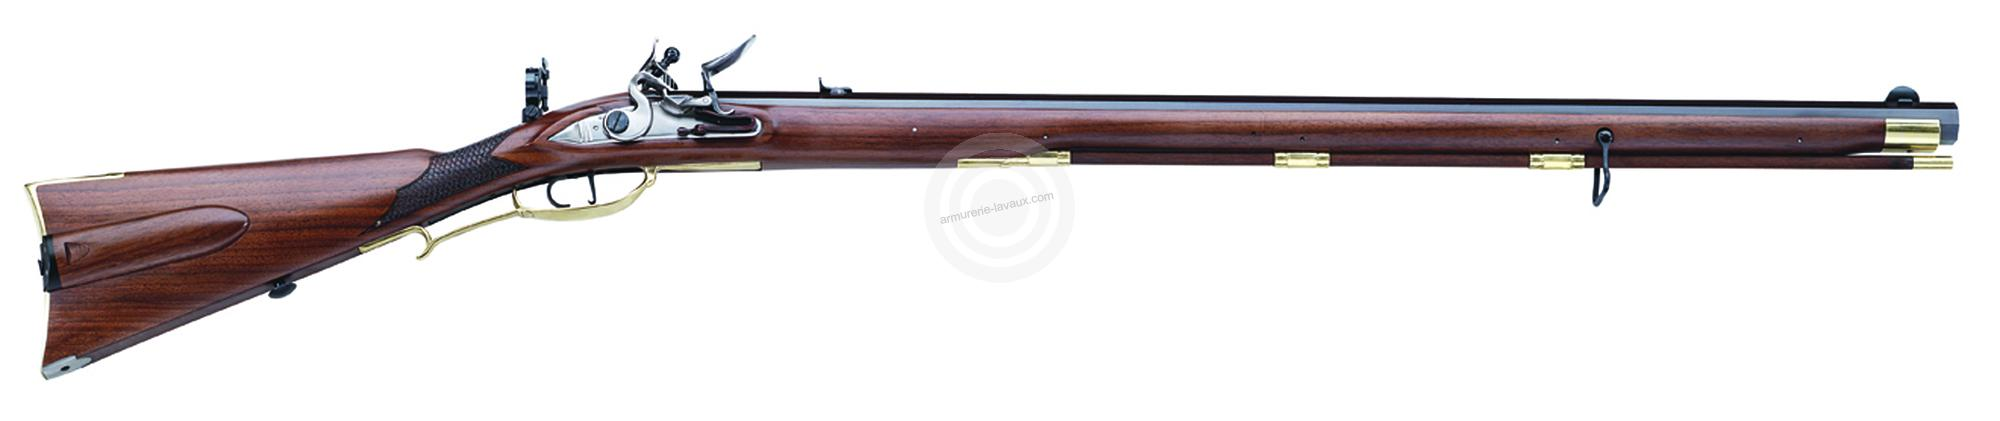 Carabine à poudre noire PEDERSOLI Jaeger Target à silex Cal .54